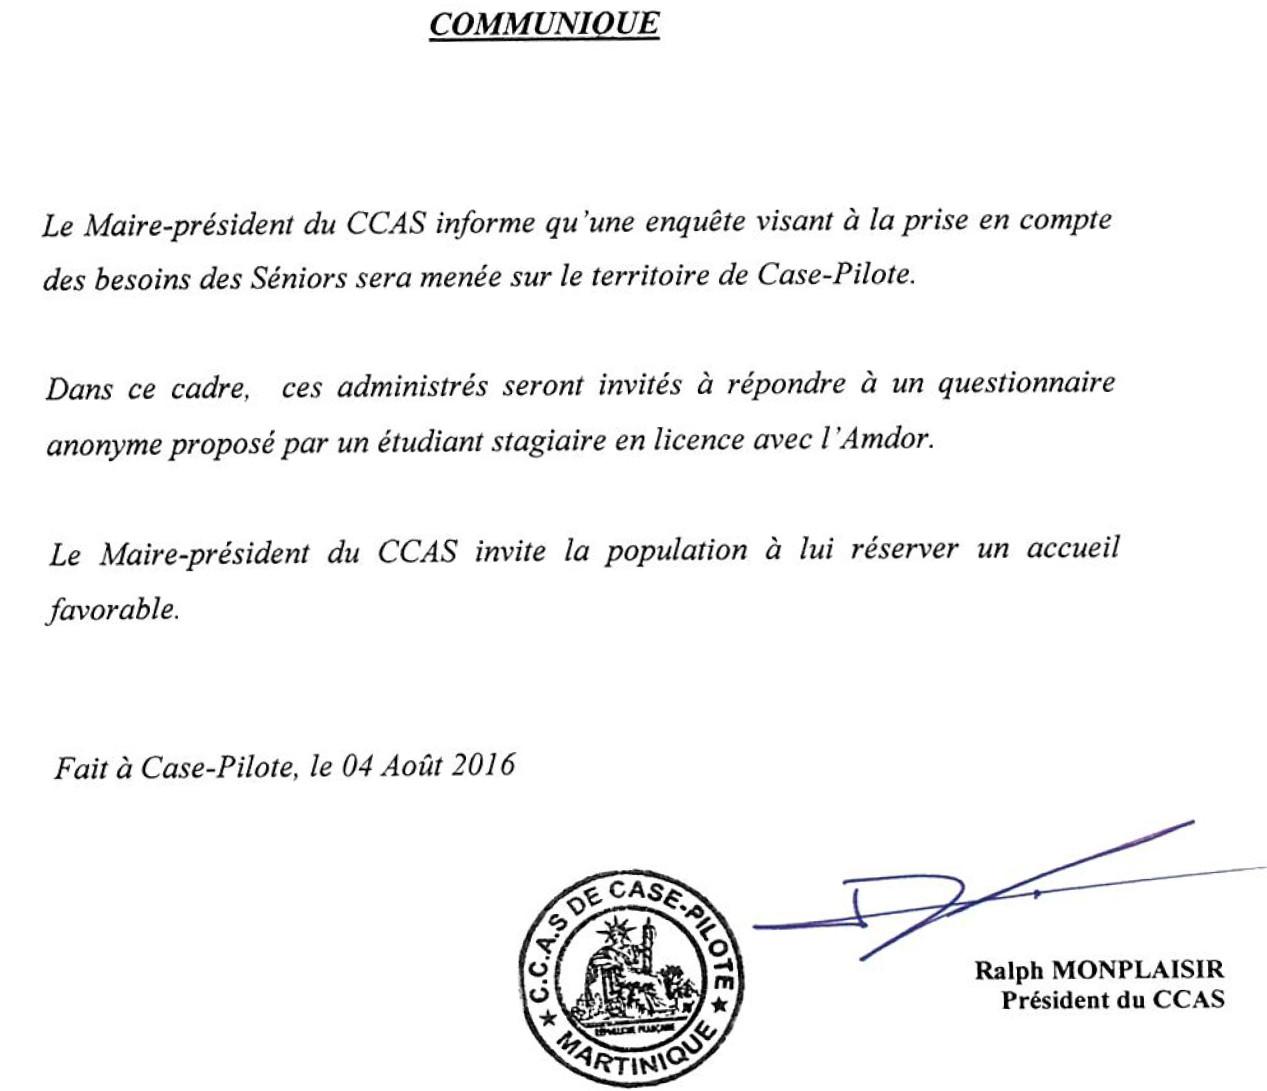 Communique_ccas_04082016